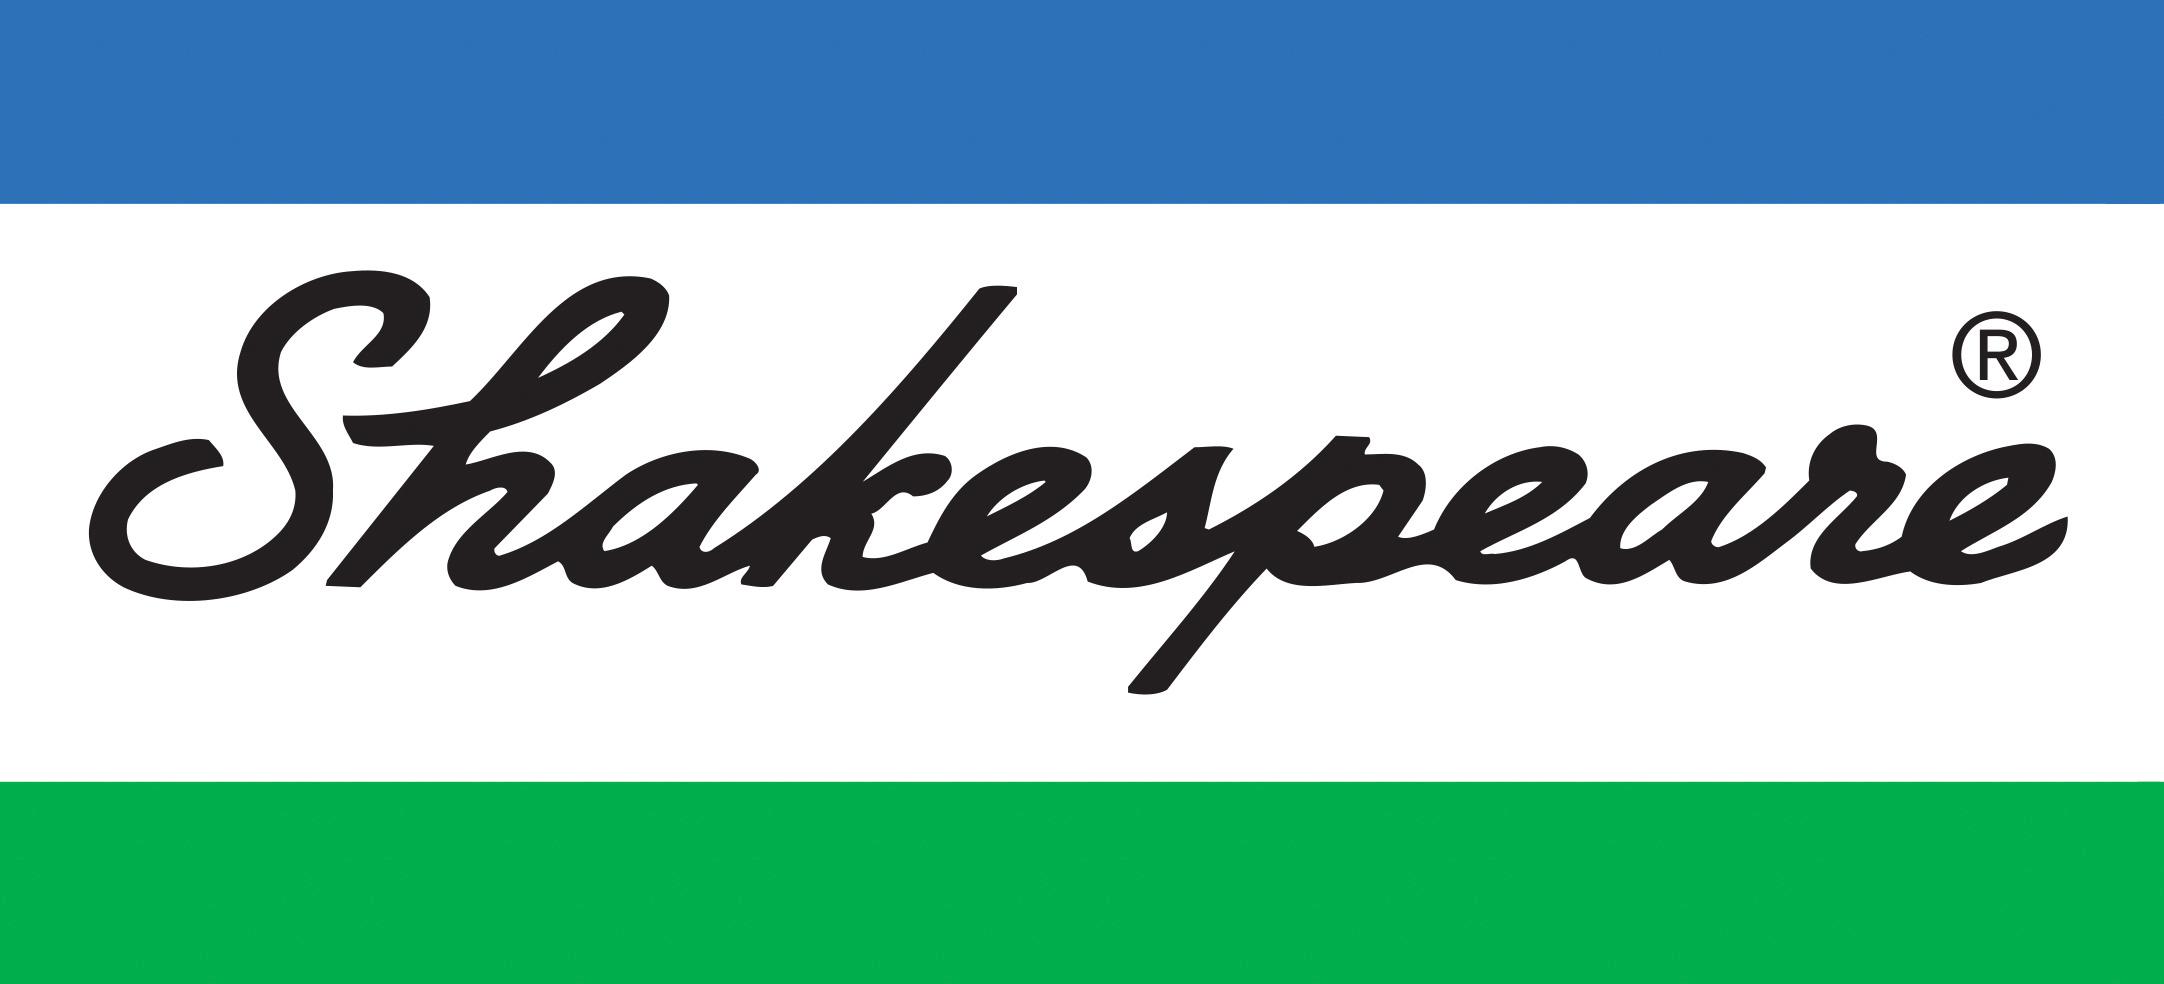 Shakespeare-logo.jpg